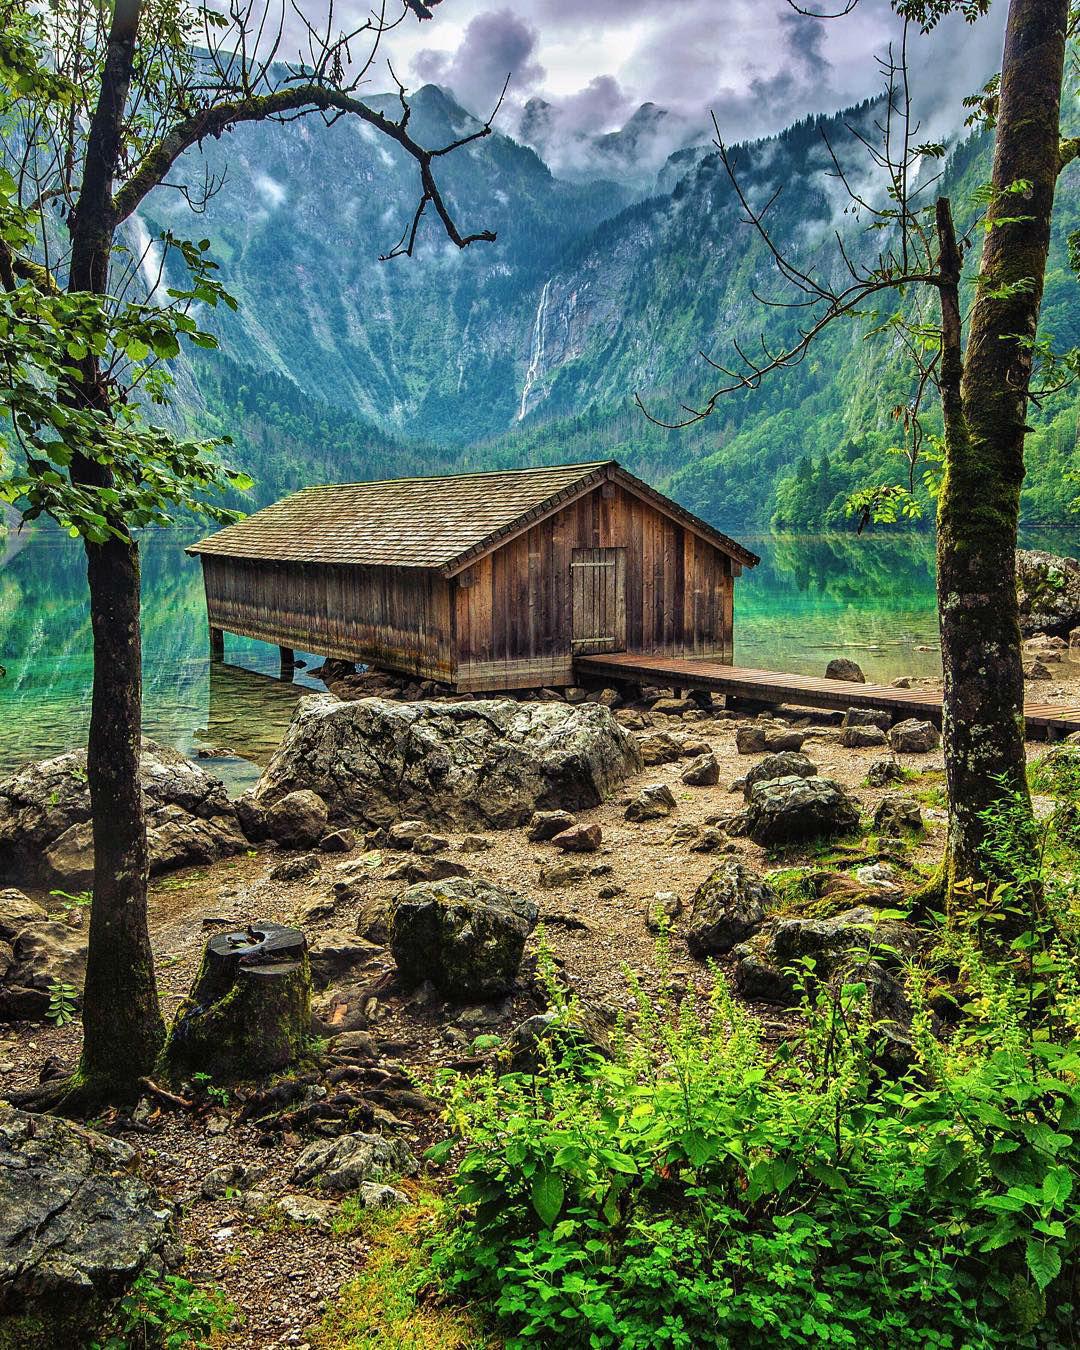 viaje alrededor del mundo con fotografías de paisajes surreales Jacob Riglin 004